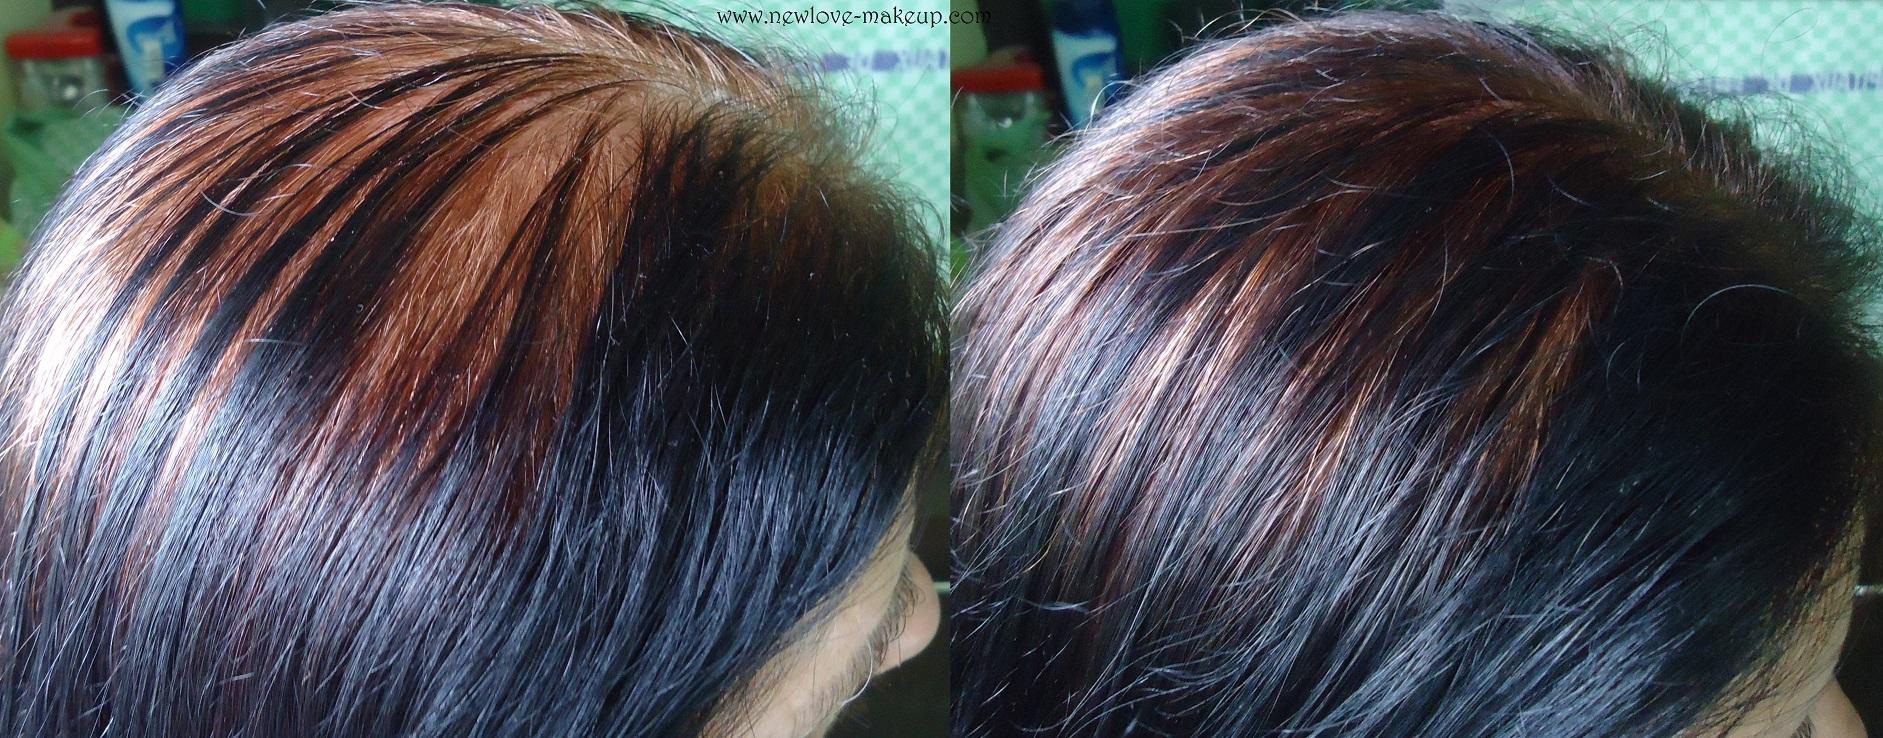 Godrej Nupur Coconut Henna Cr 232 Me Colour Review Demo New